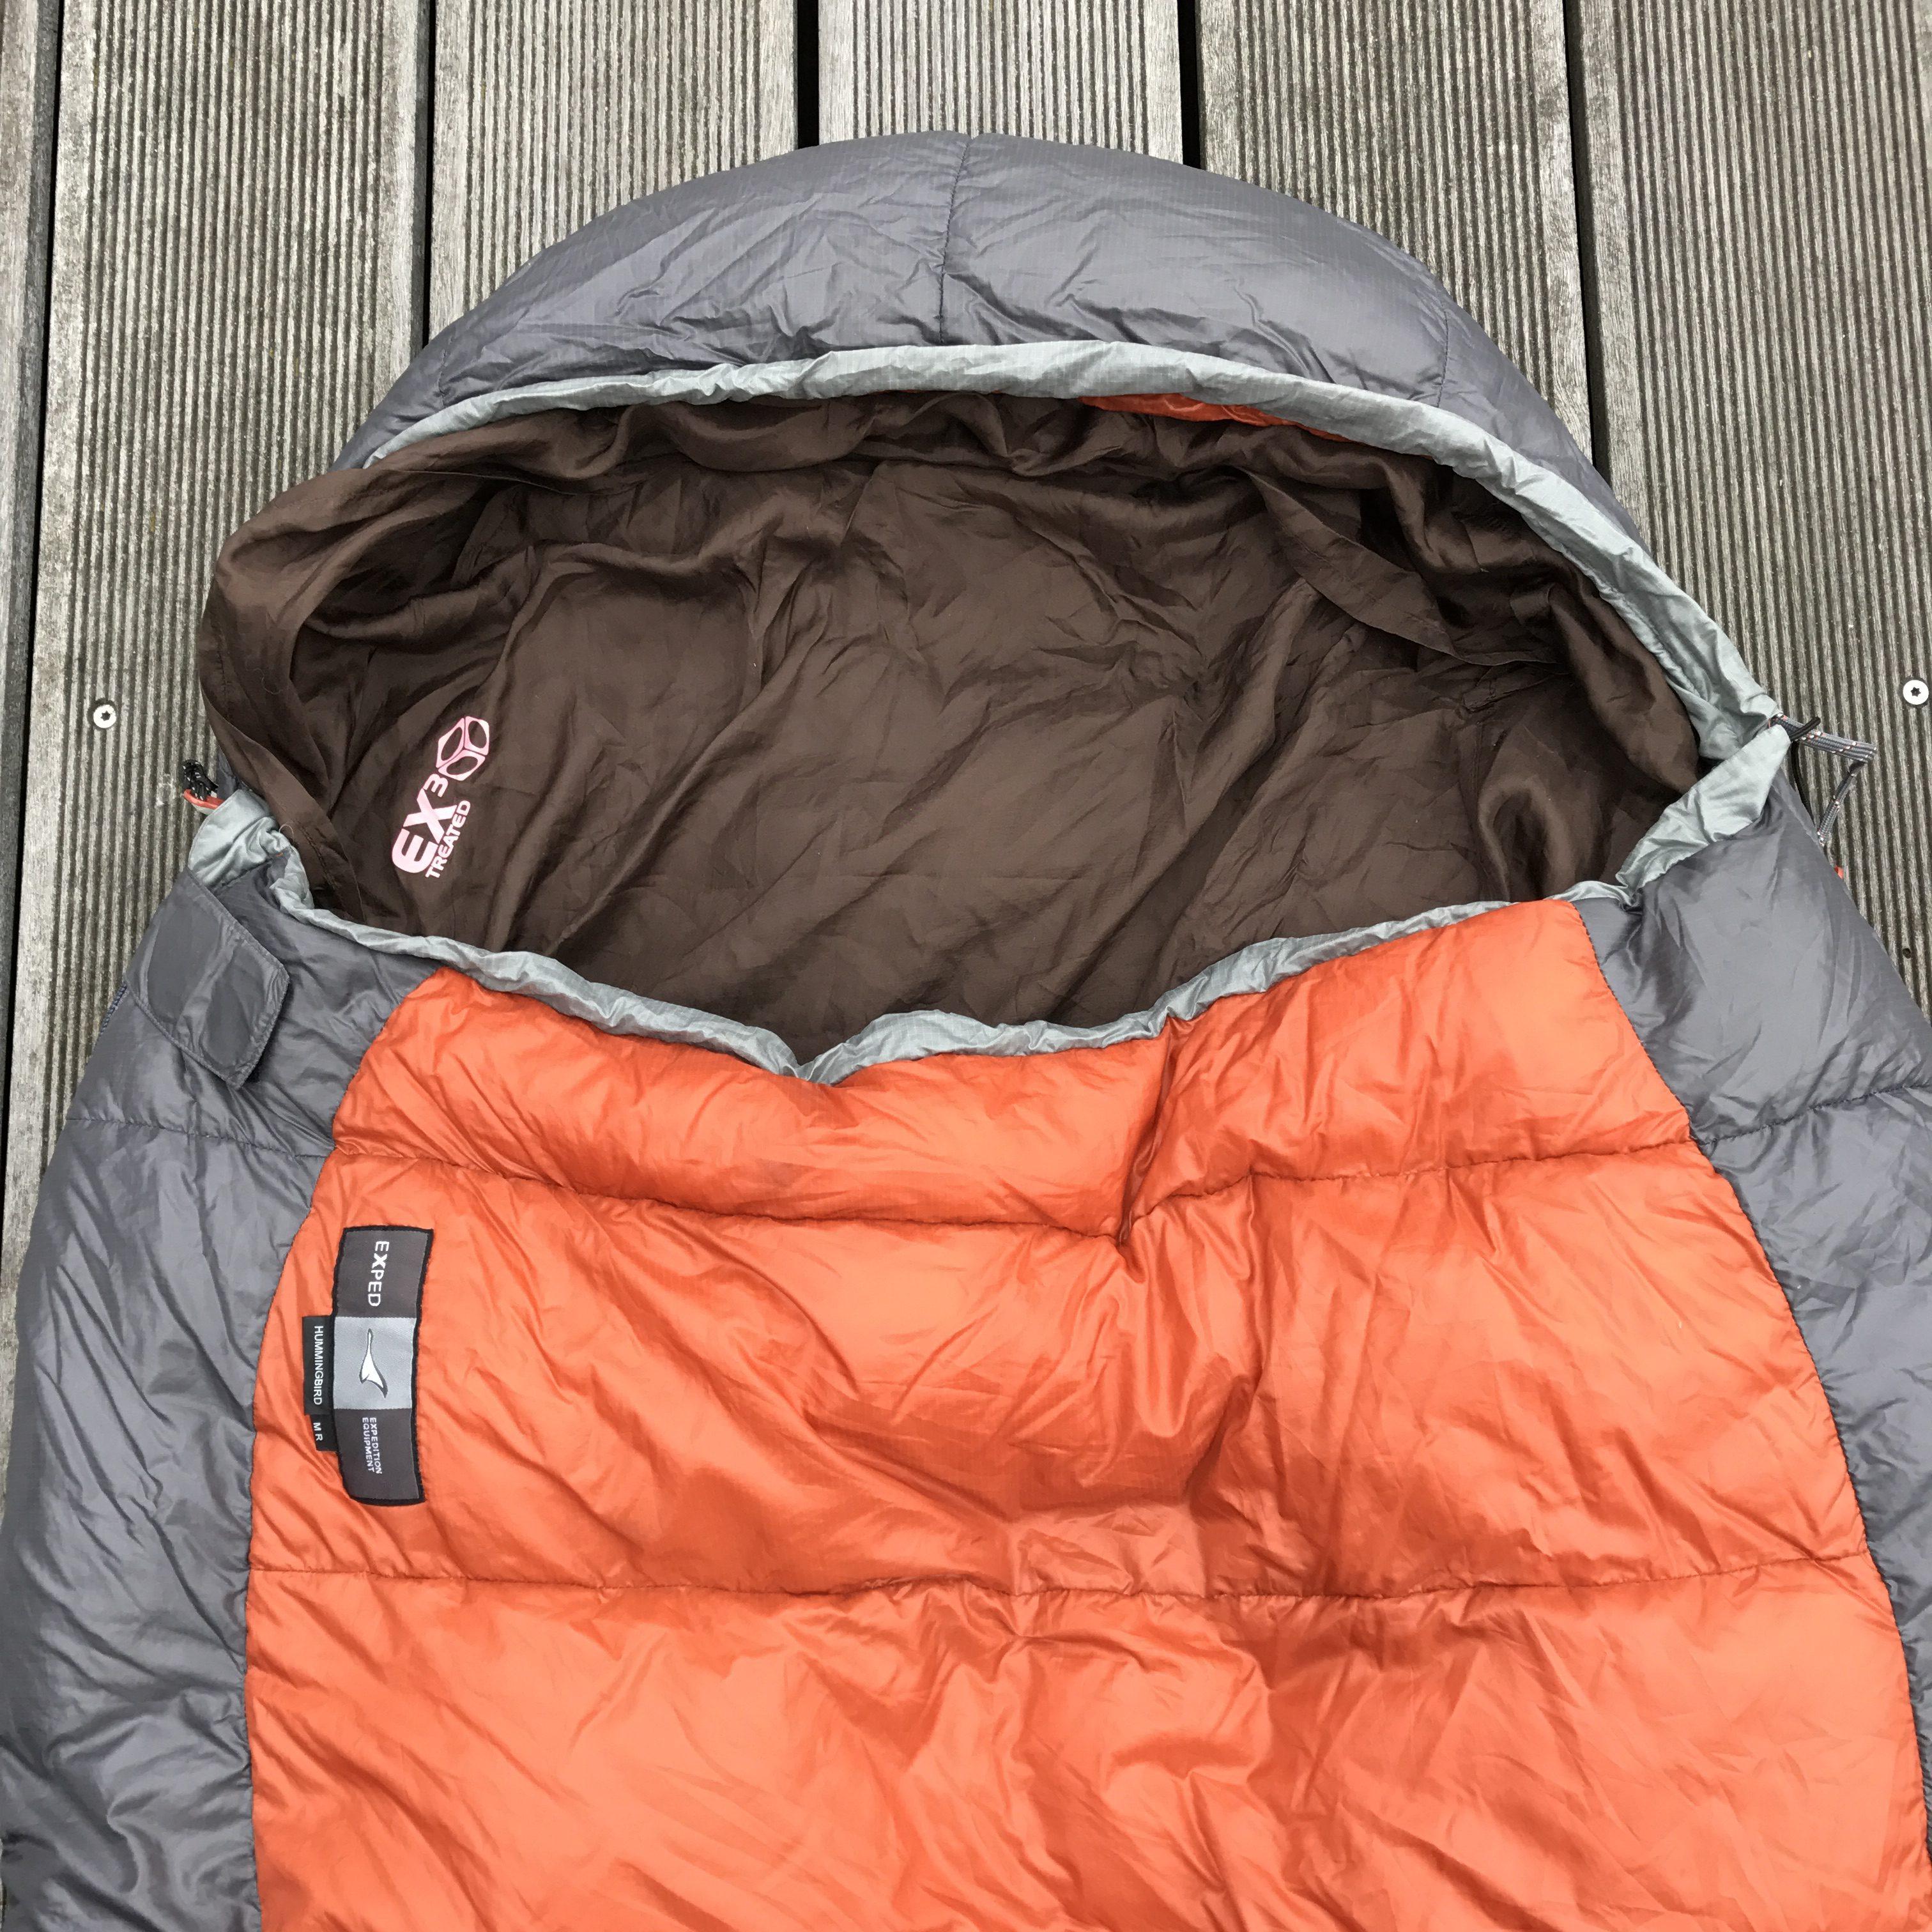 Opbevaring af din sovepose - brug lagenpose for at skåne soveposen og undgå vask.